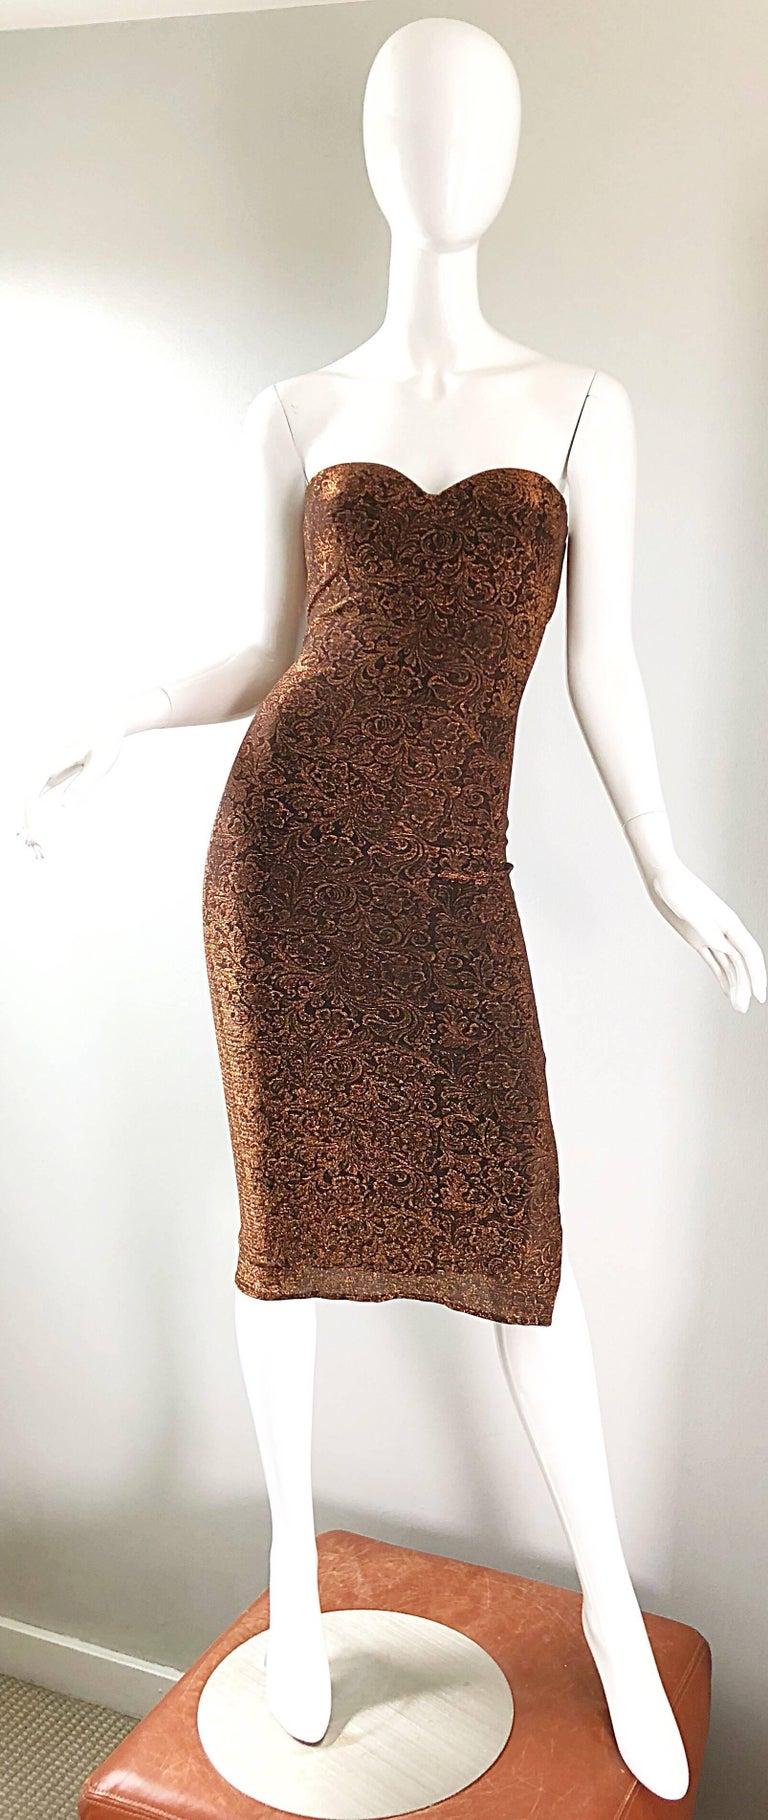 1990s Eletra Casadei Sexy Metallic Bronze / Gold Bodycon Convertible Strap Dress For Sale 14